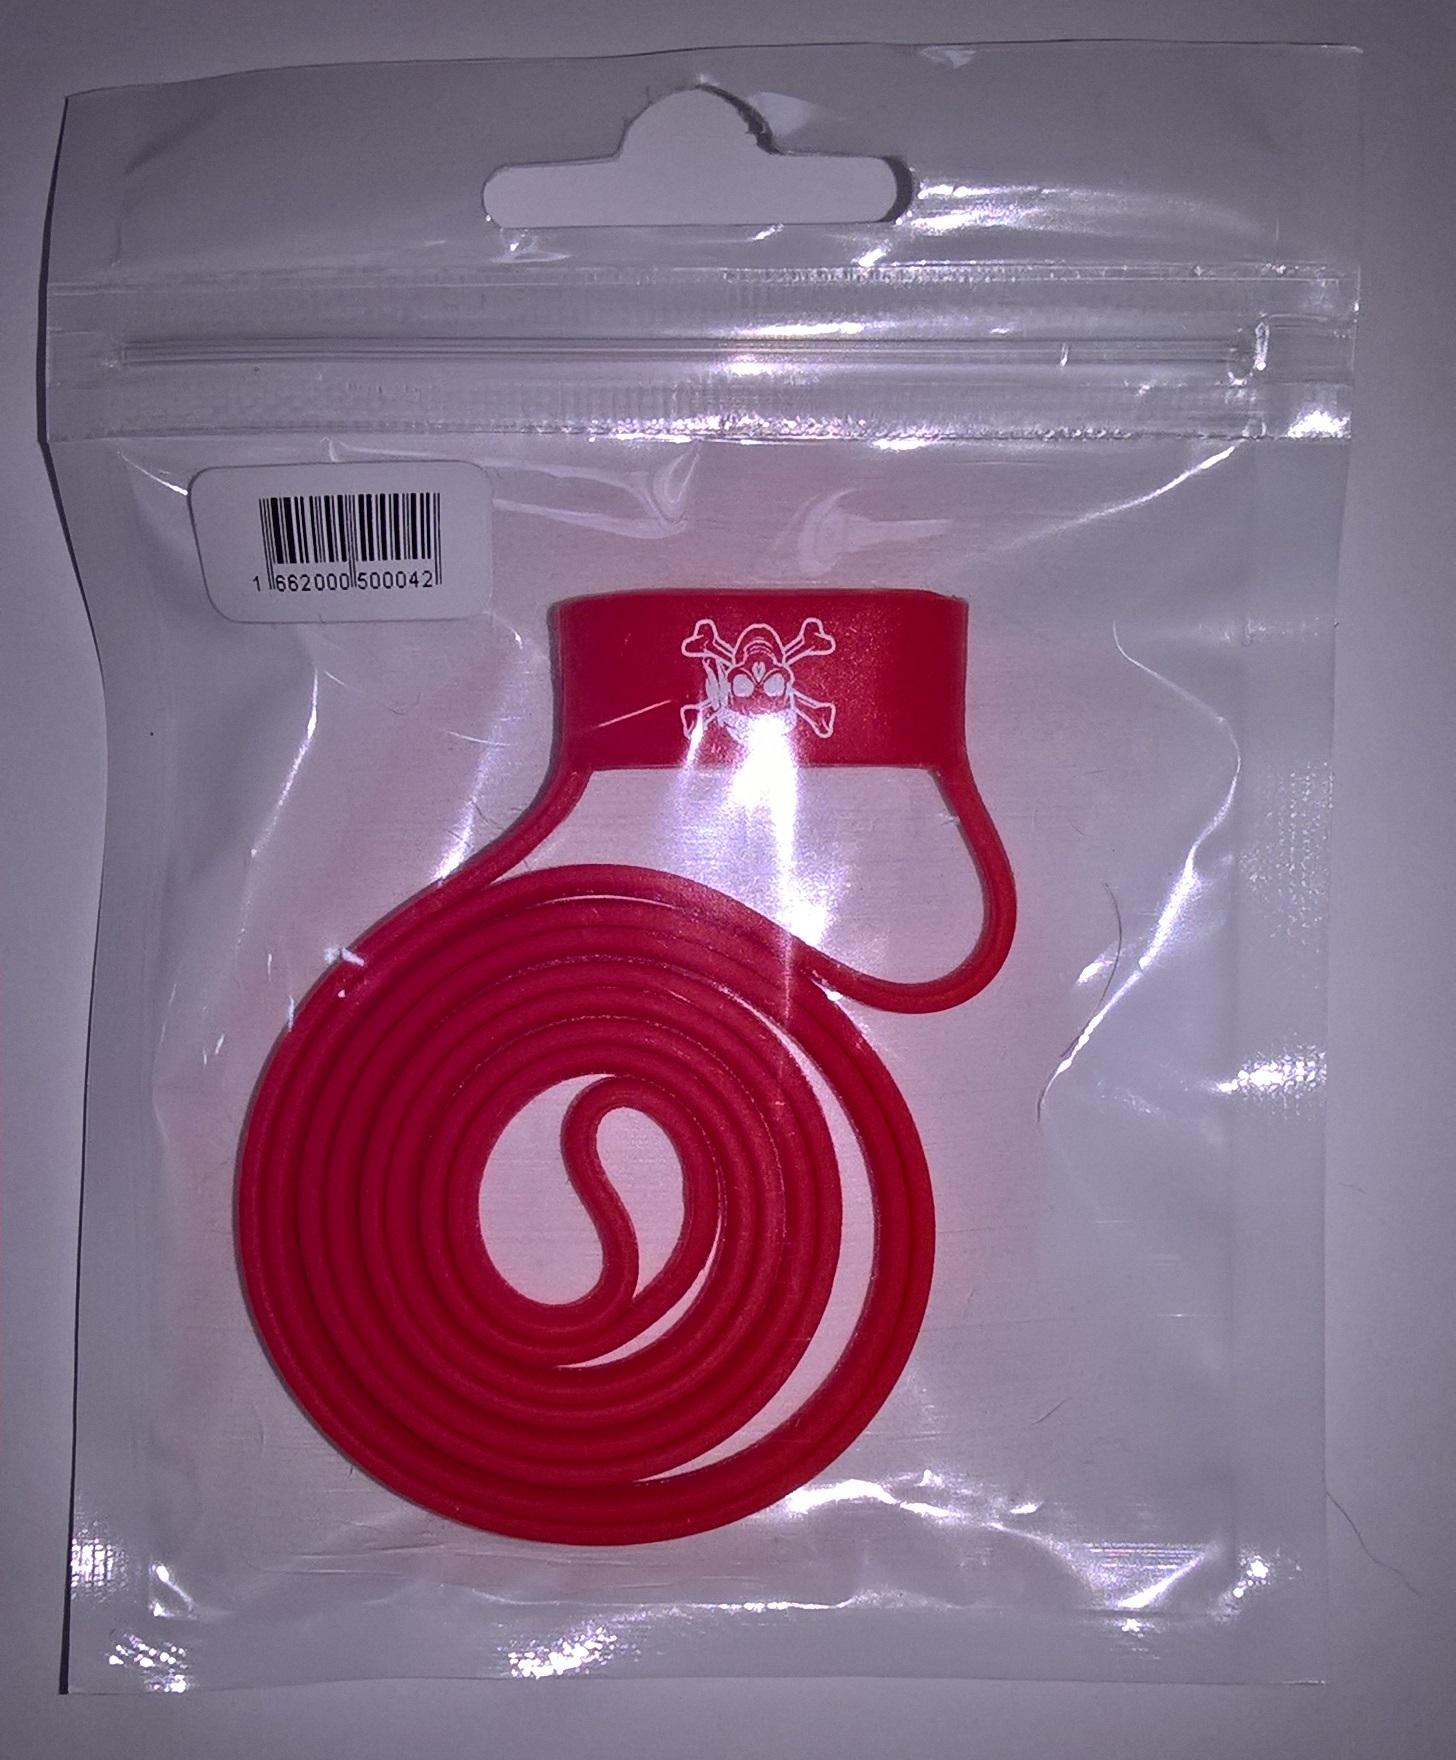 Vapesoon univerzální silikonová šňůrka na e-cigaretu 19-25mm 1ks Barva   Červená 031802a5a05